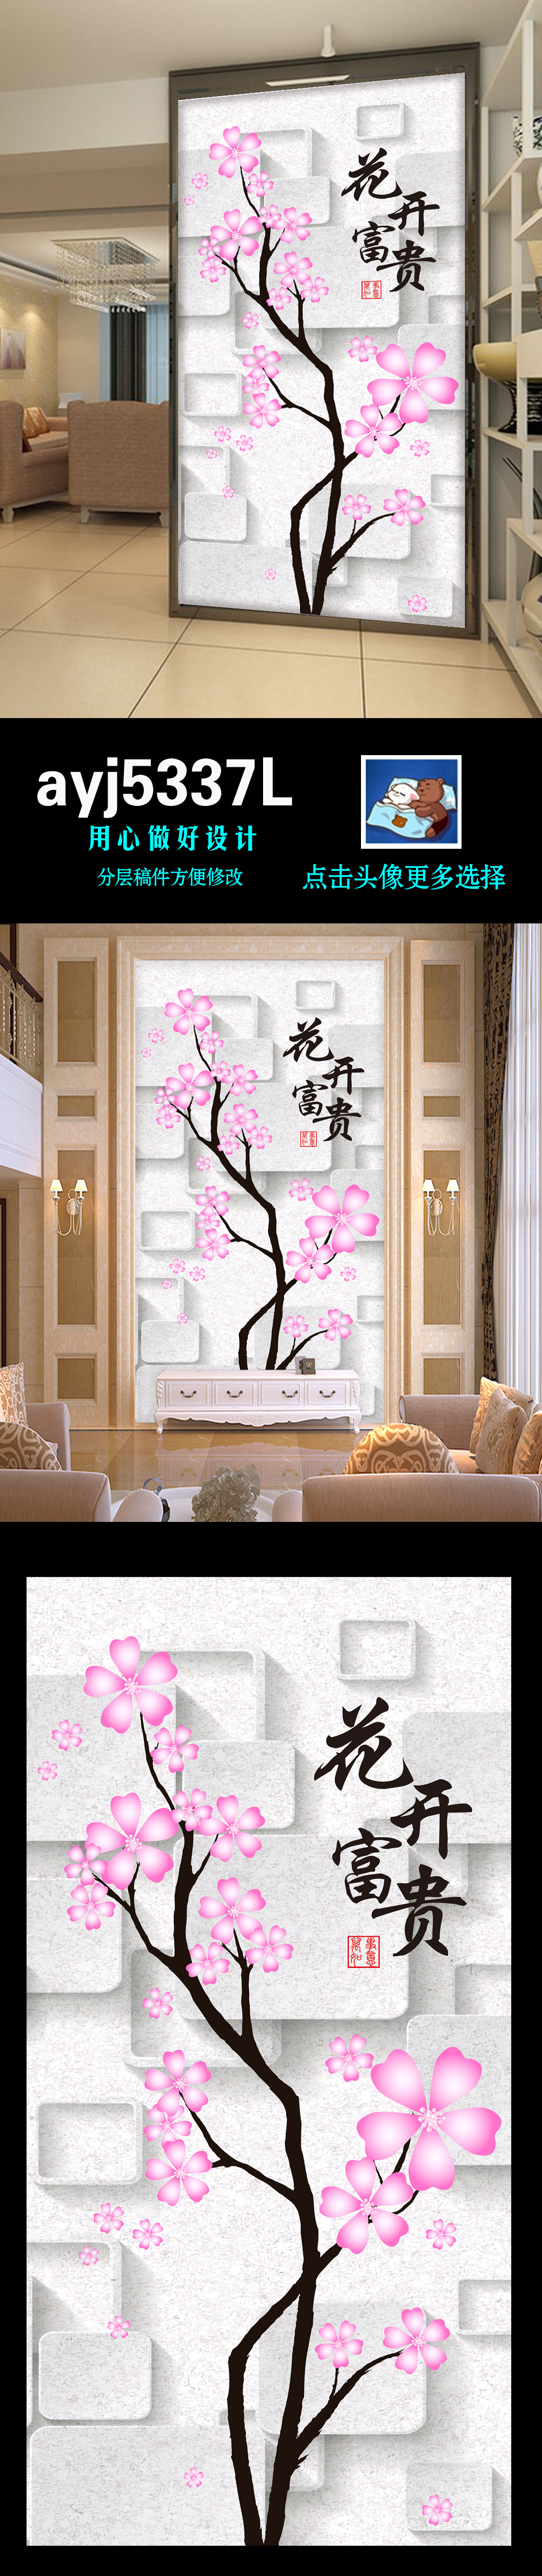 背景墙|装饰画 玄关 3d玄关 > 3d手绘花朵树木玄关背景墙设计  原创